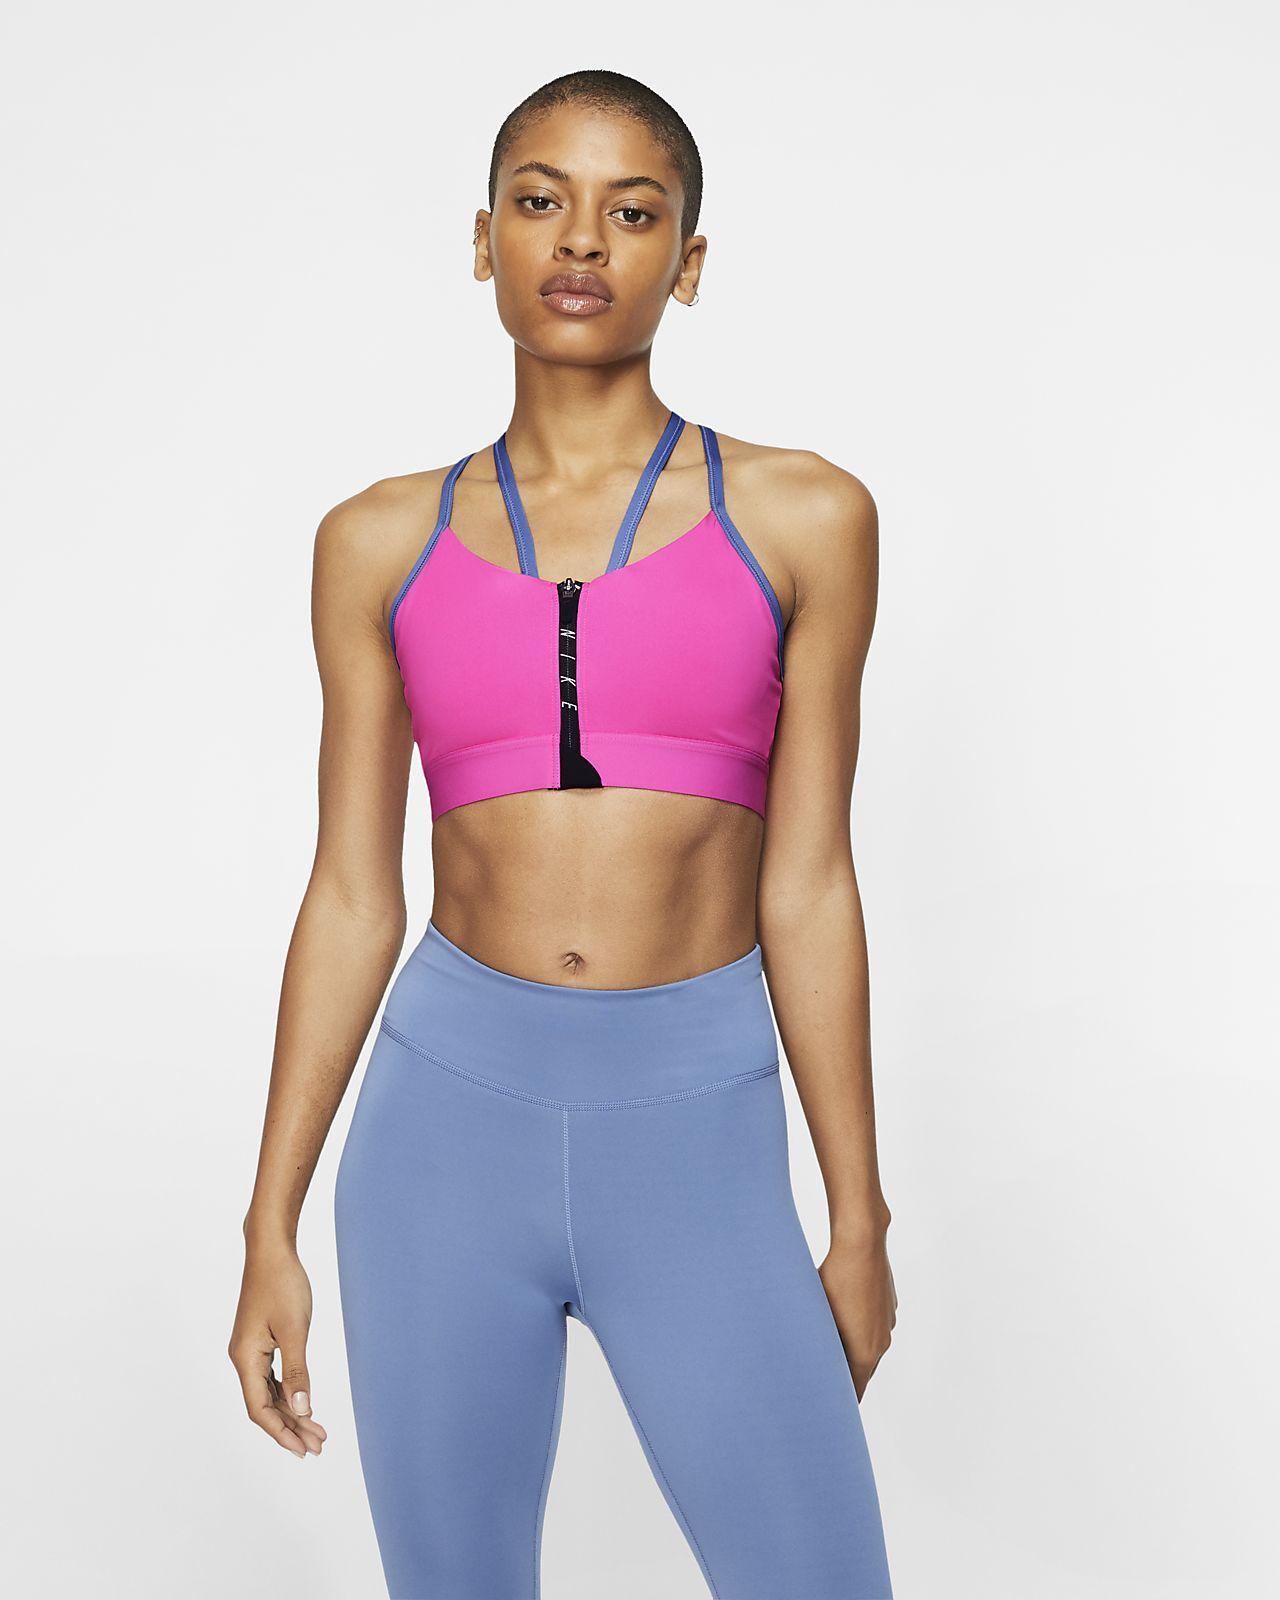 Nike Indy Sujetador deportivo de sujeción ligera con cremallera - Mujer